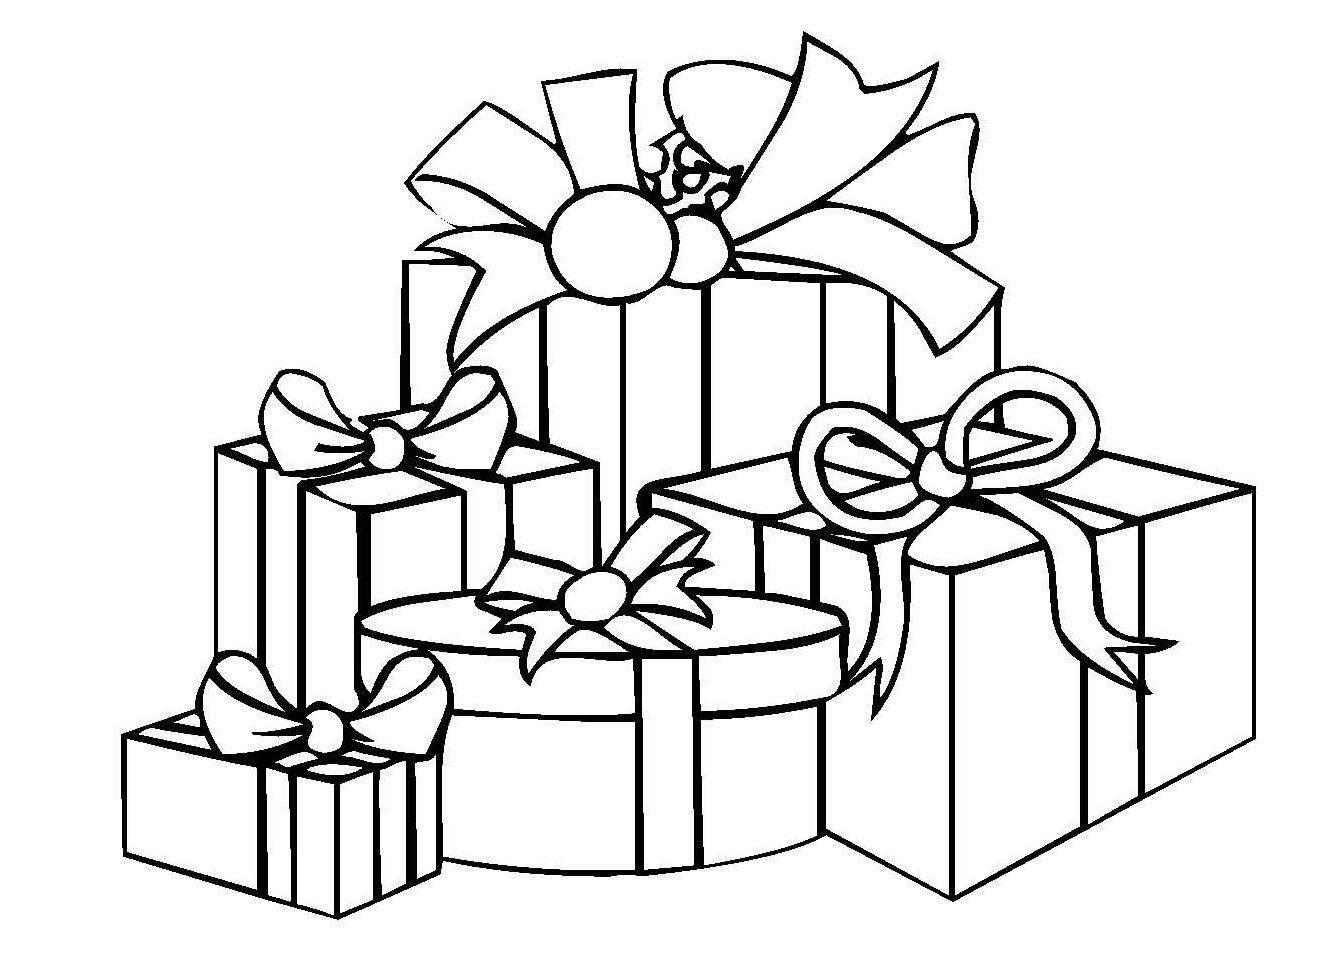 Ausmalbild Weihnachten: Weihnachtsgeschenke Kostenlos Ausdrucken mit Ausmalbild Weihnachten Kostenlos